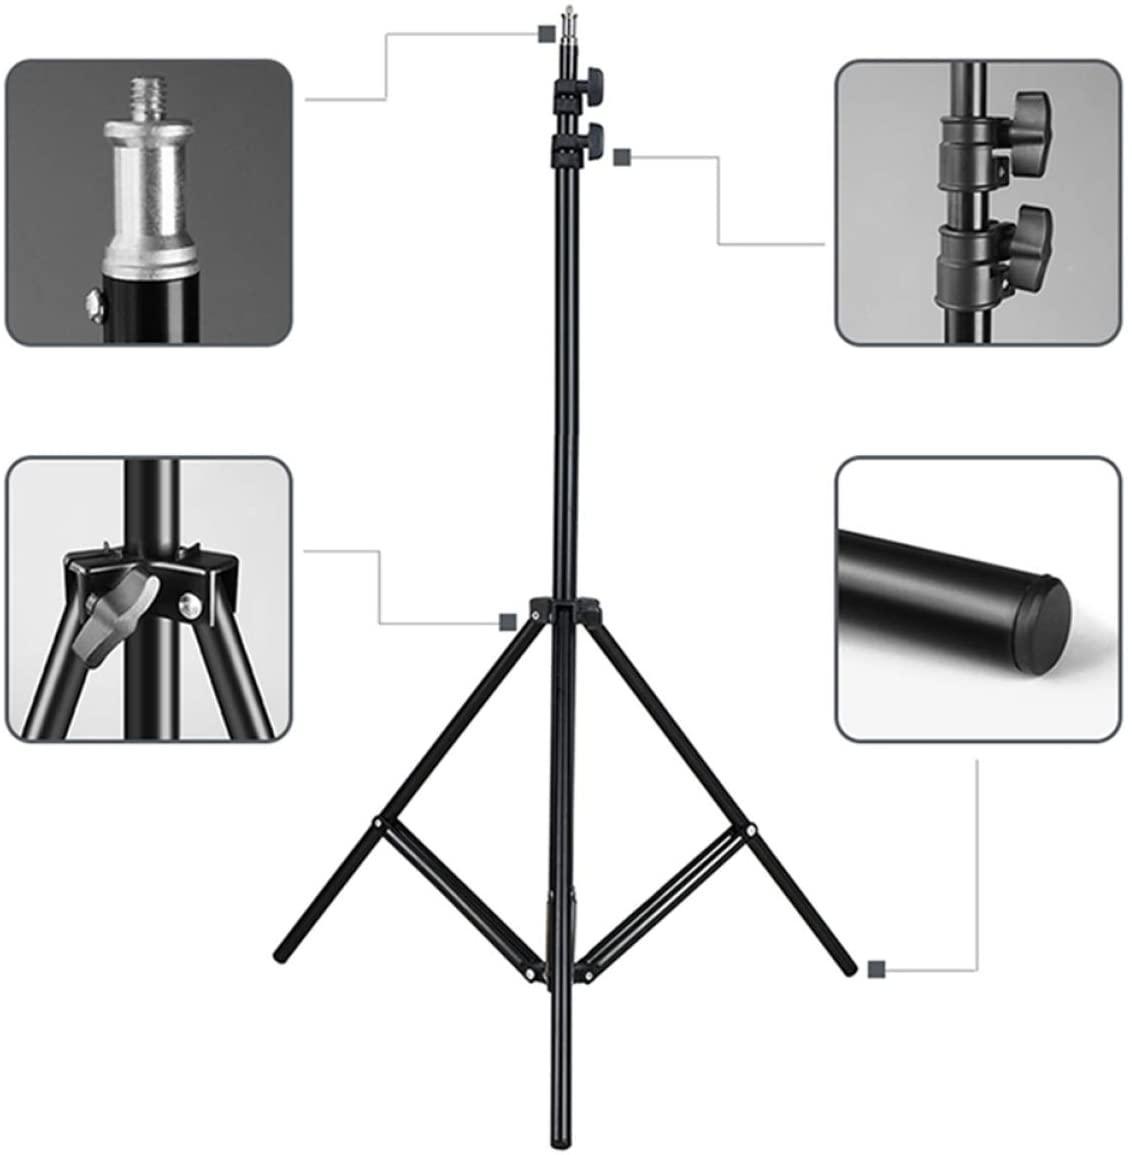 Телескопический штатив, стойка тренога ножка для кольцевой лед лампы 2.1 м hm